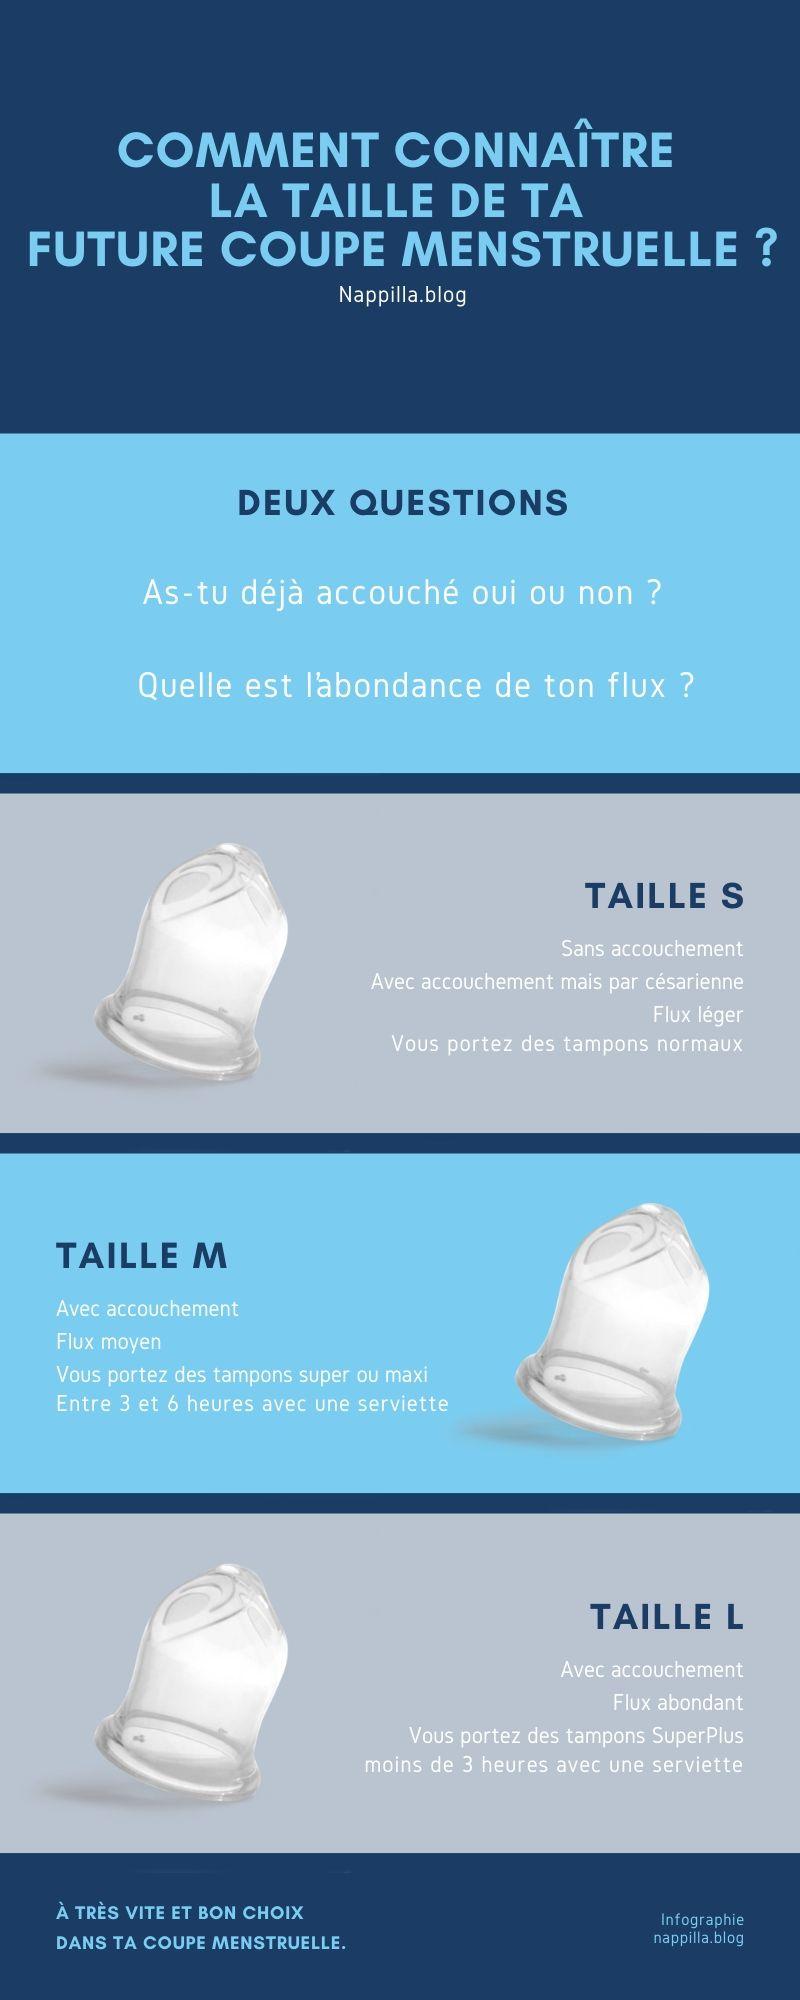 Infographie sur Comment pour connaître la taille de ta future coupe menstruelle. Nappilla